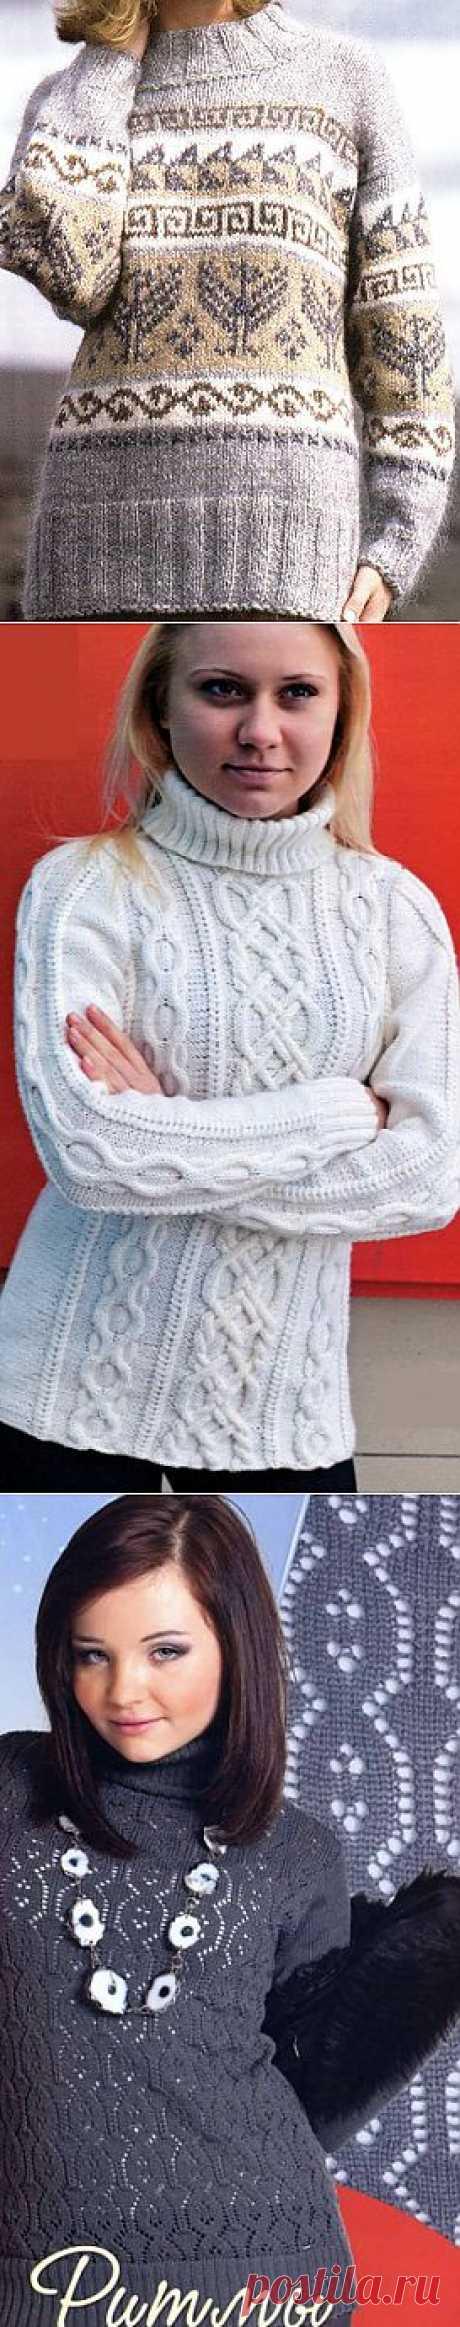 Вязаные свитера. Свитер с норвежским узором